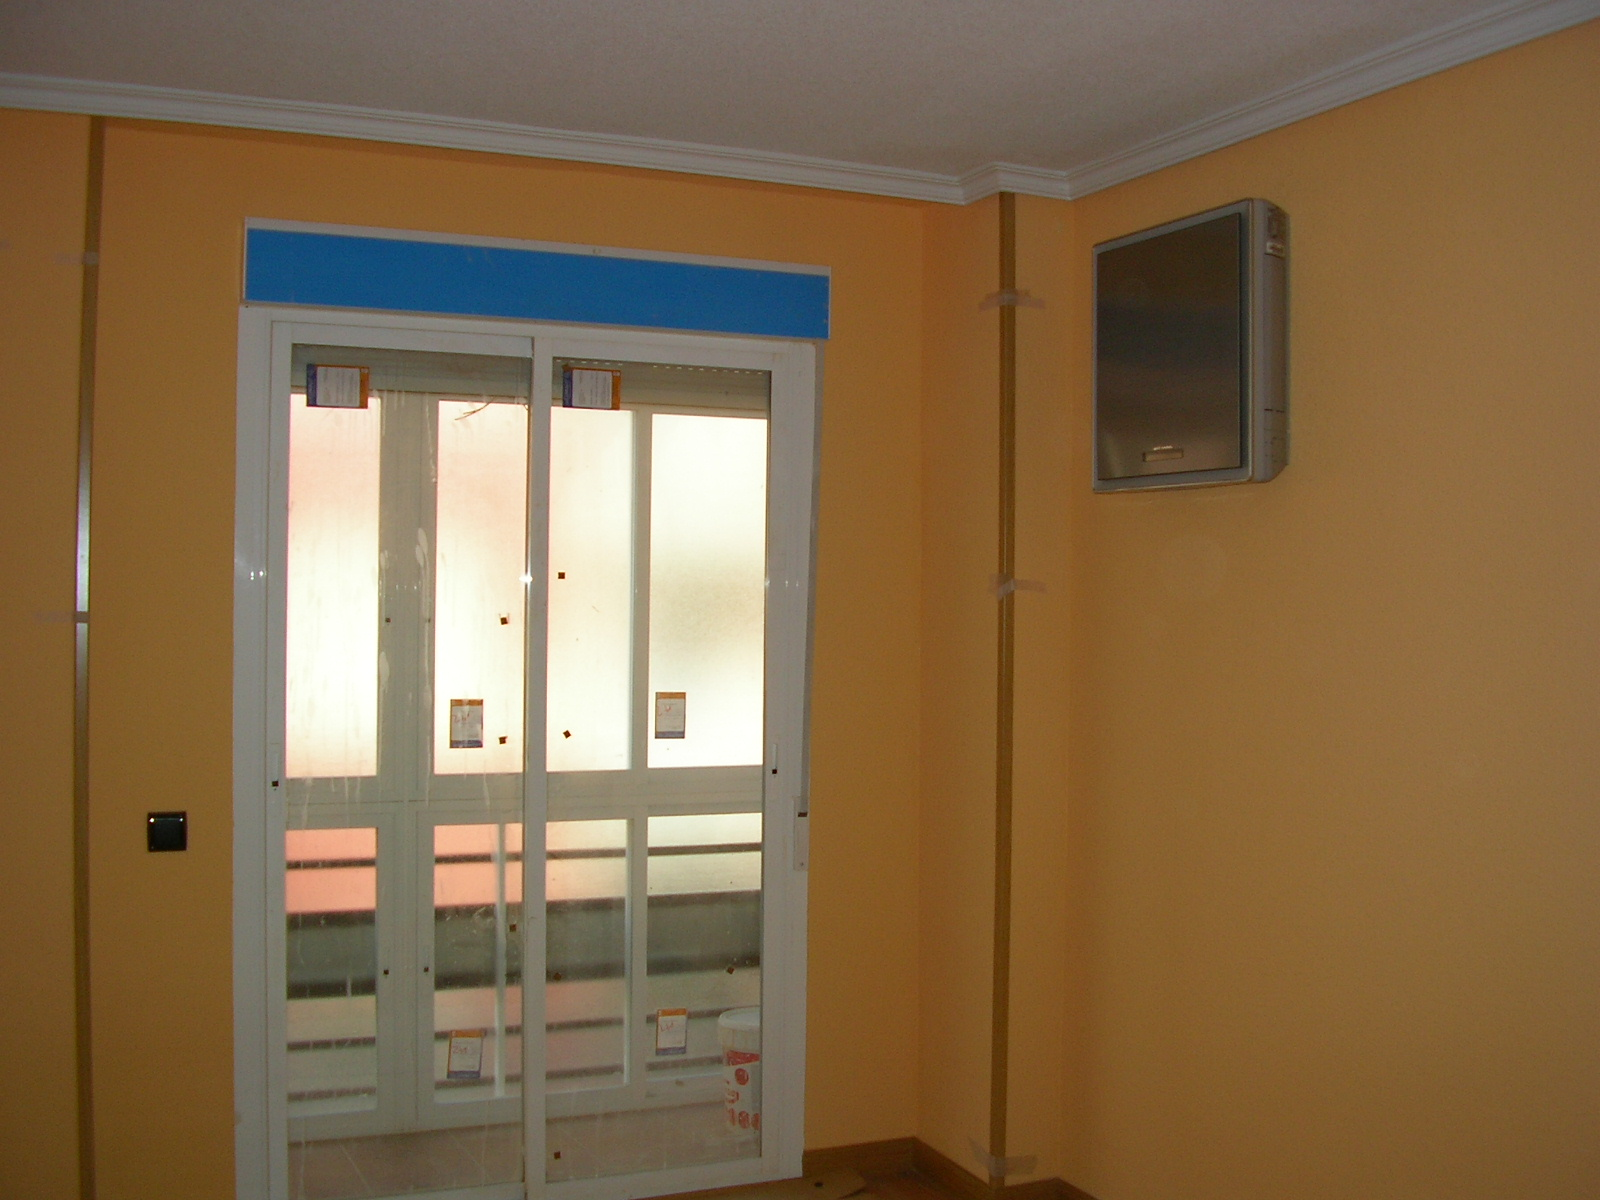 Rehabilitaci n de edificios en getafe reforma integral piso madrid - Reforma integral piso madrid ...